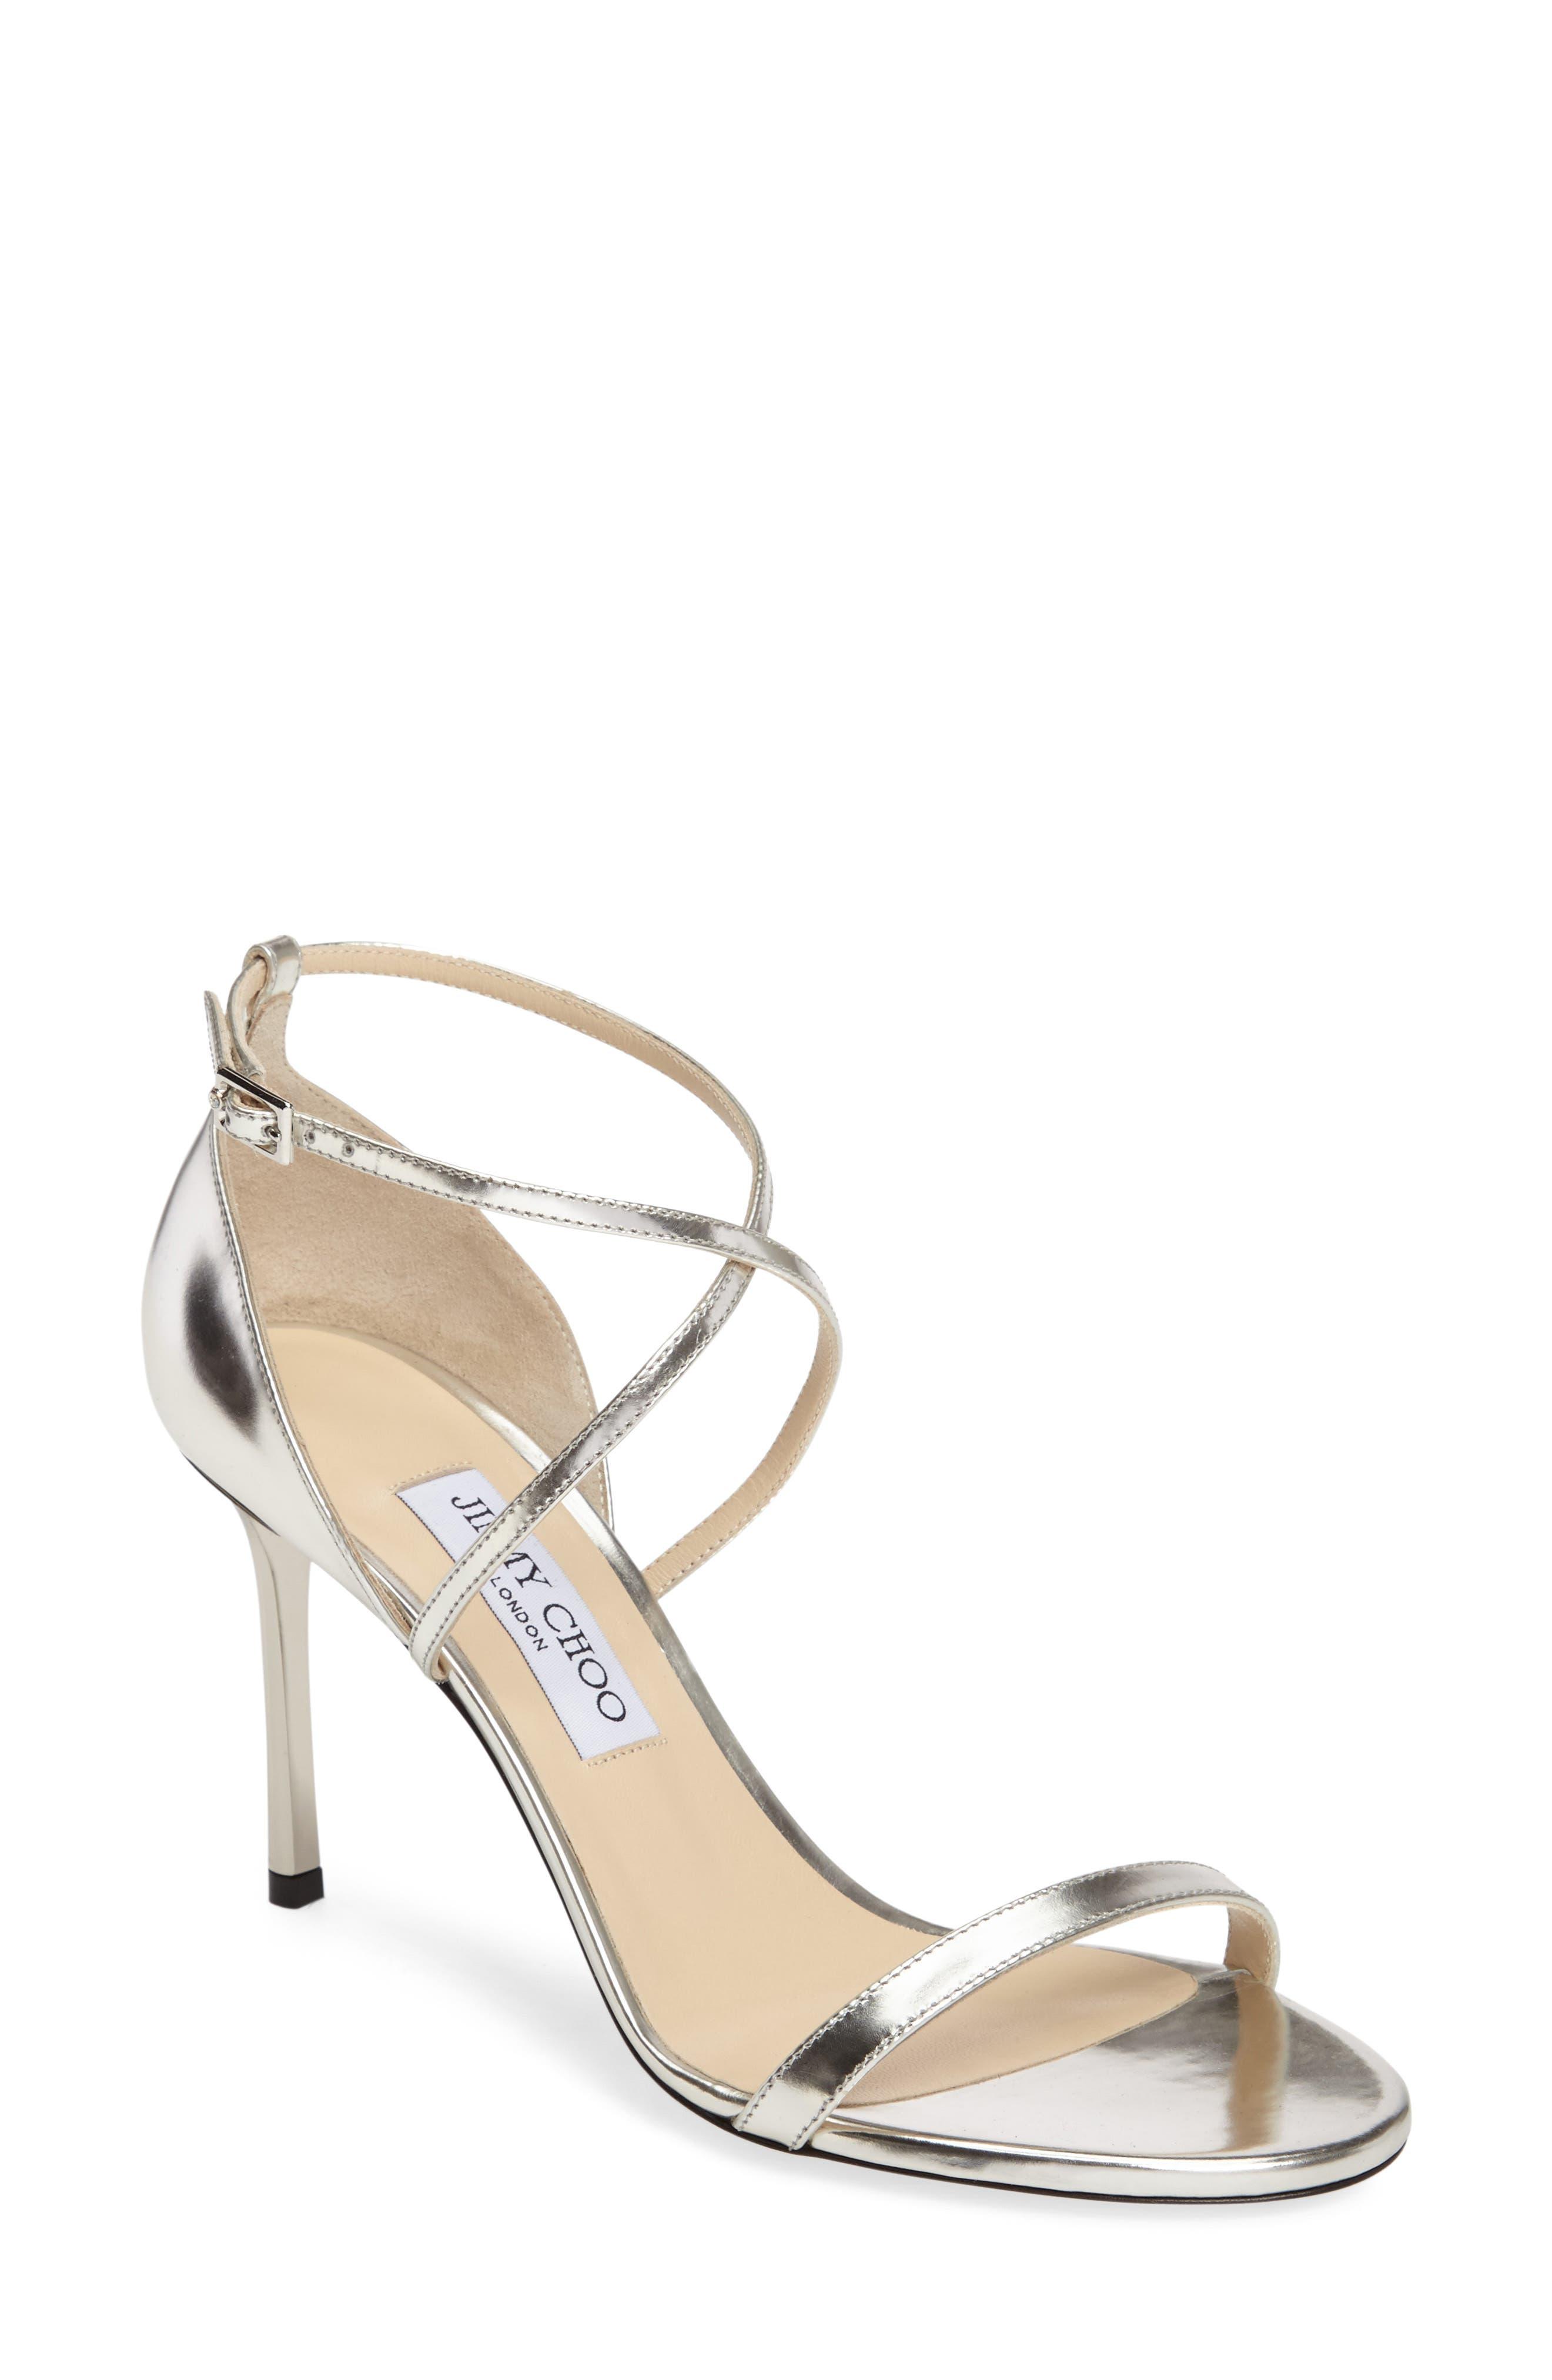 Alternate Image 1 Selected - Jimmy Choo 'Hesper' Ankle Strap Sandal (Women)